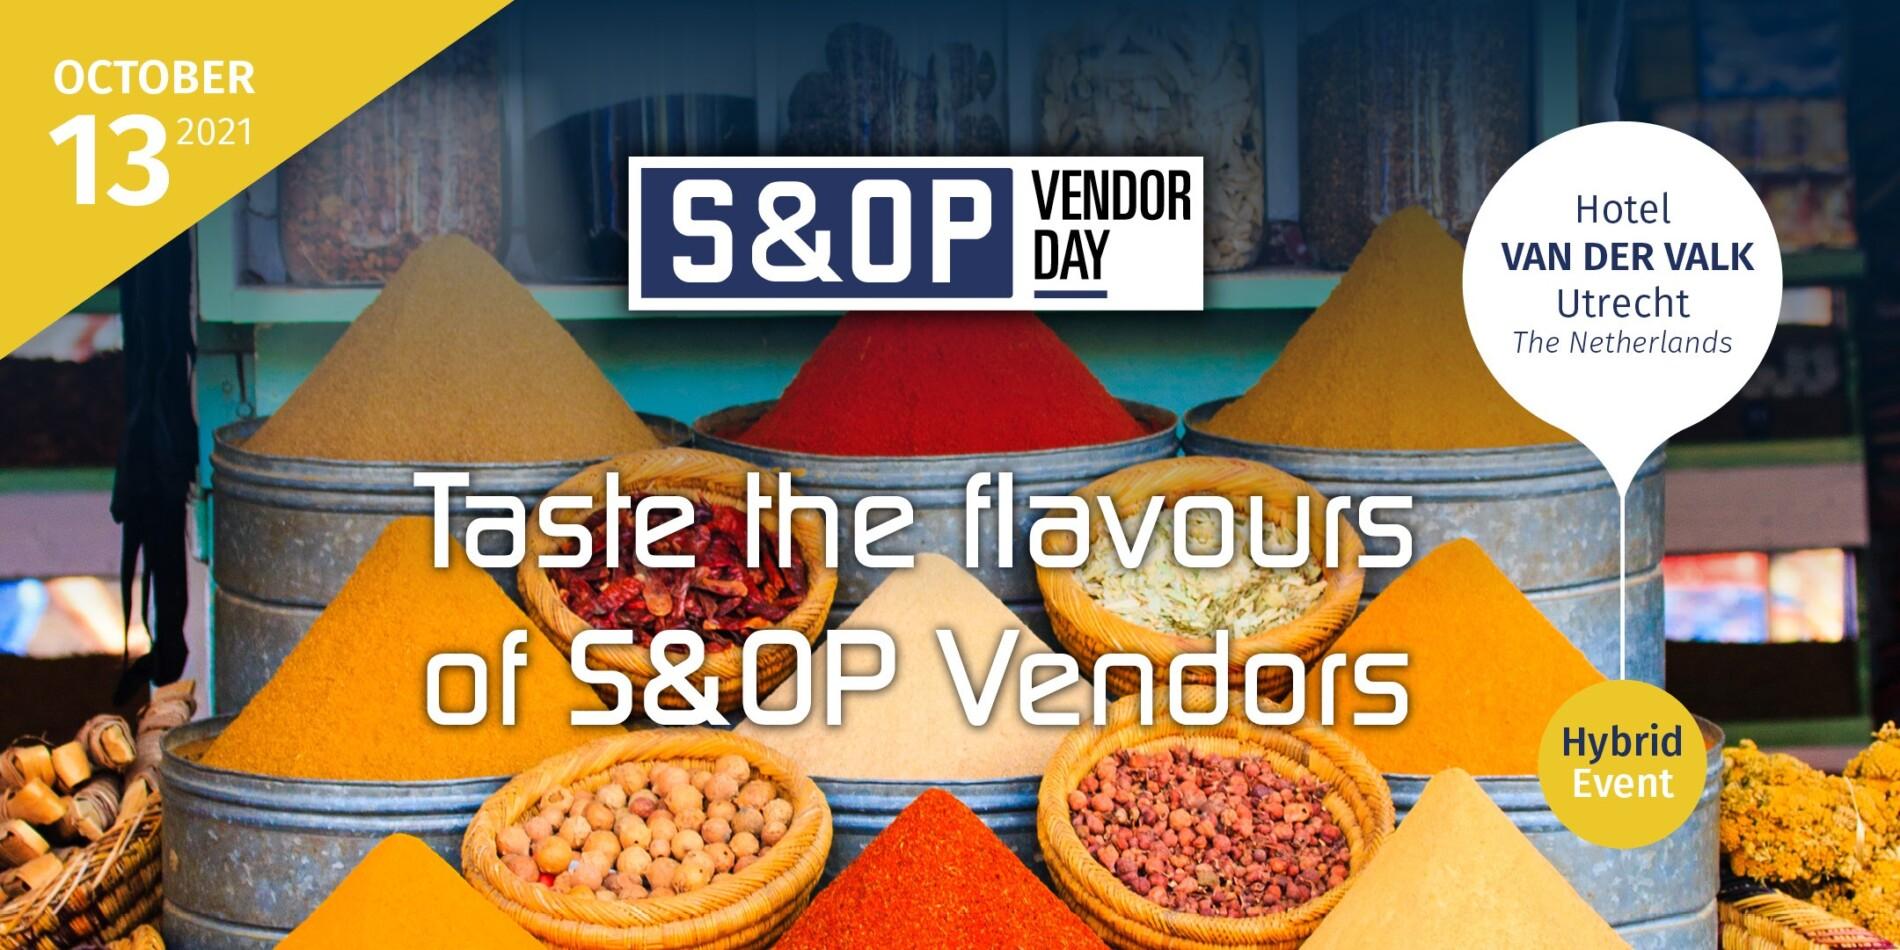 S&OP Vendor Day 2021